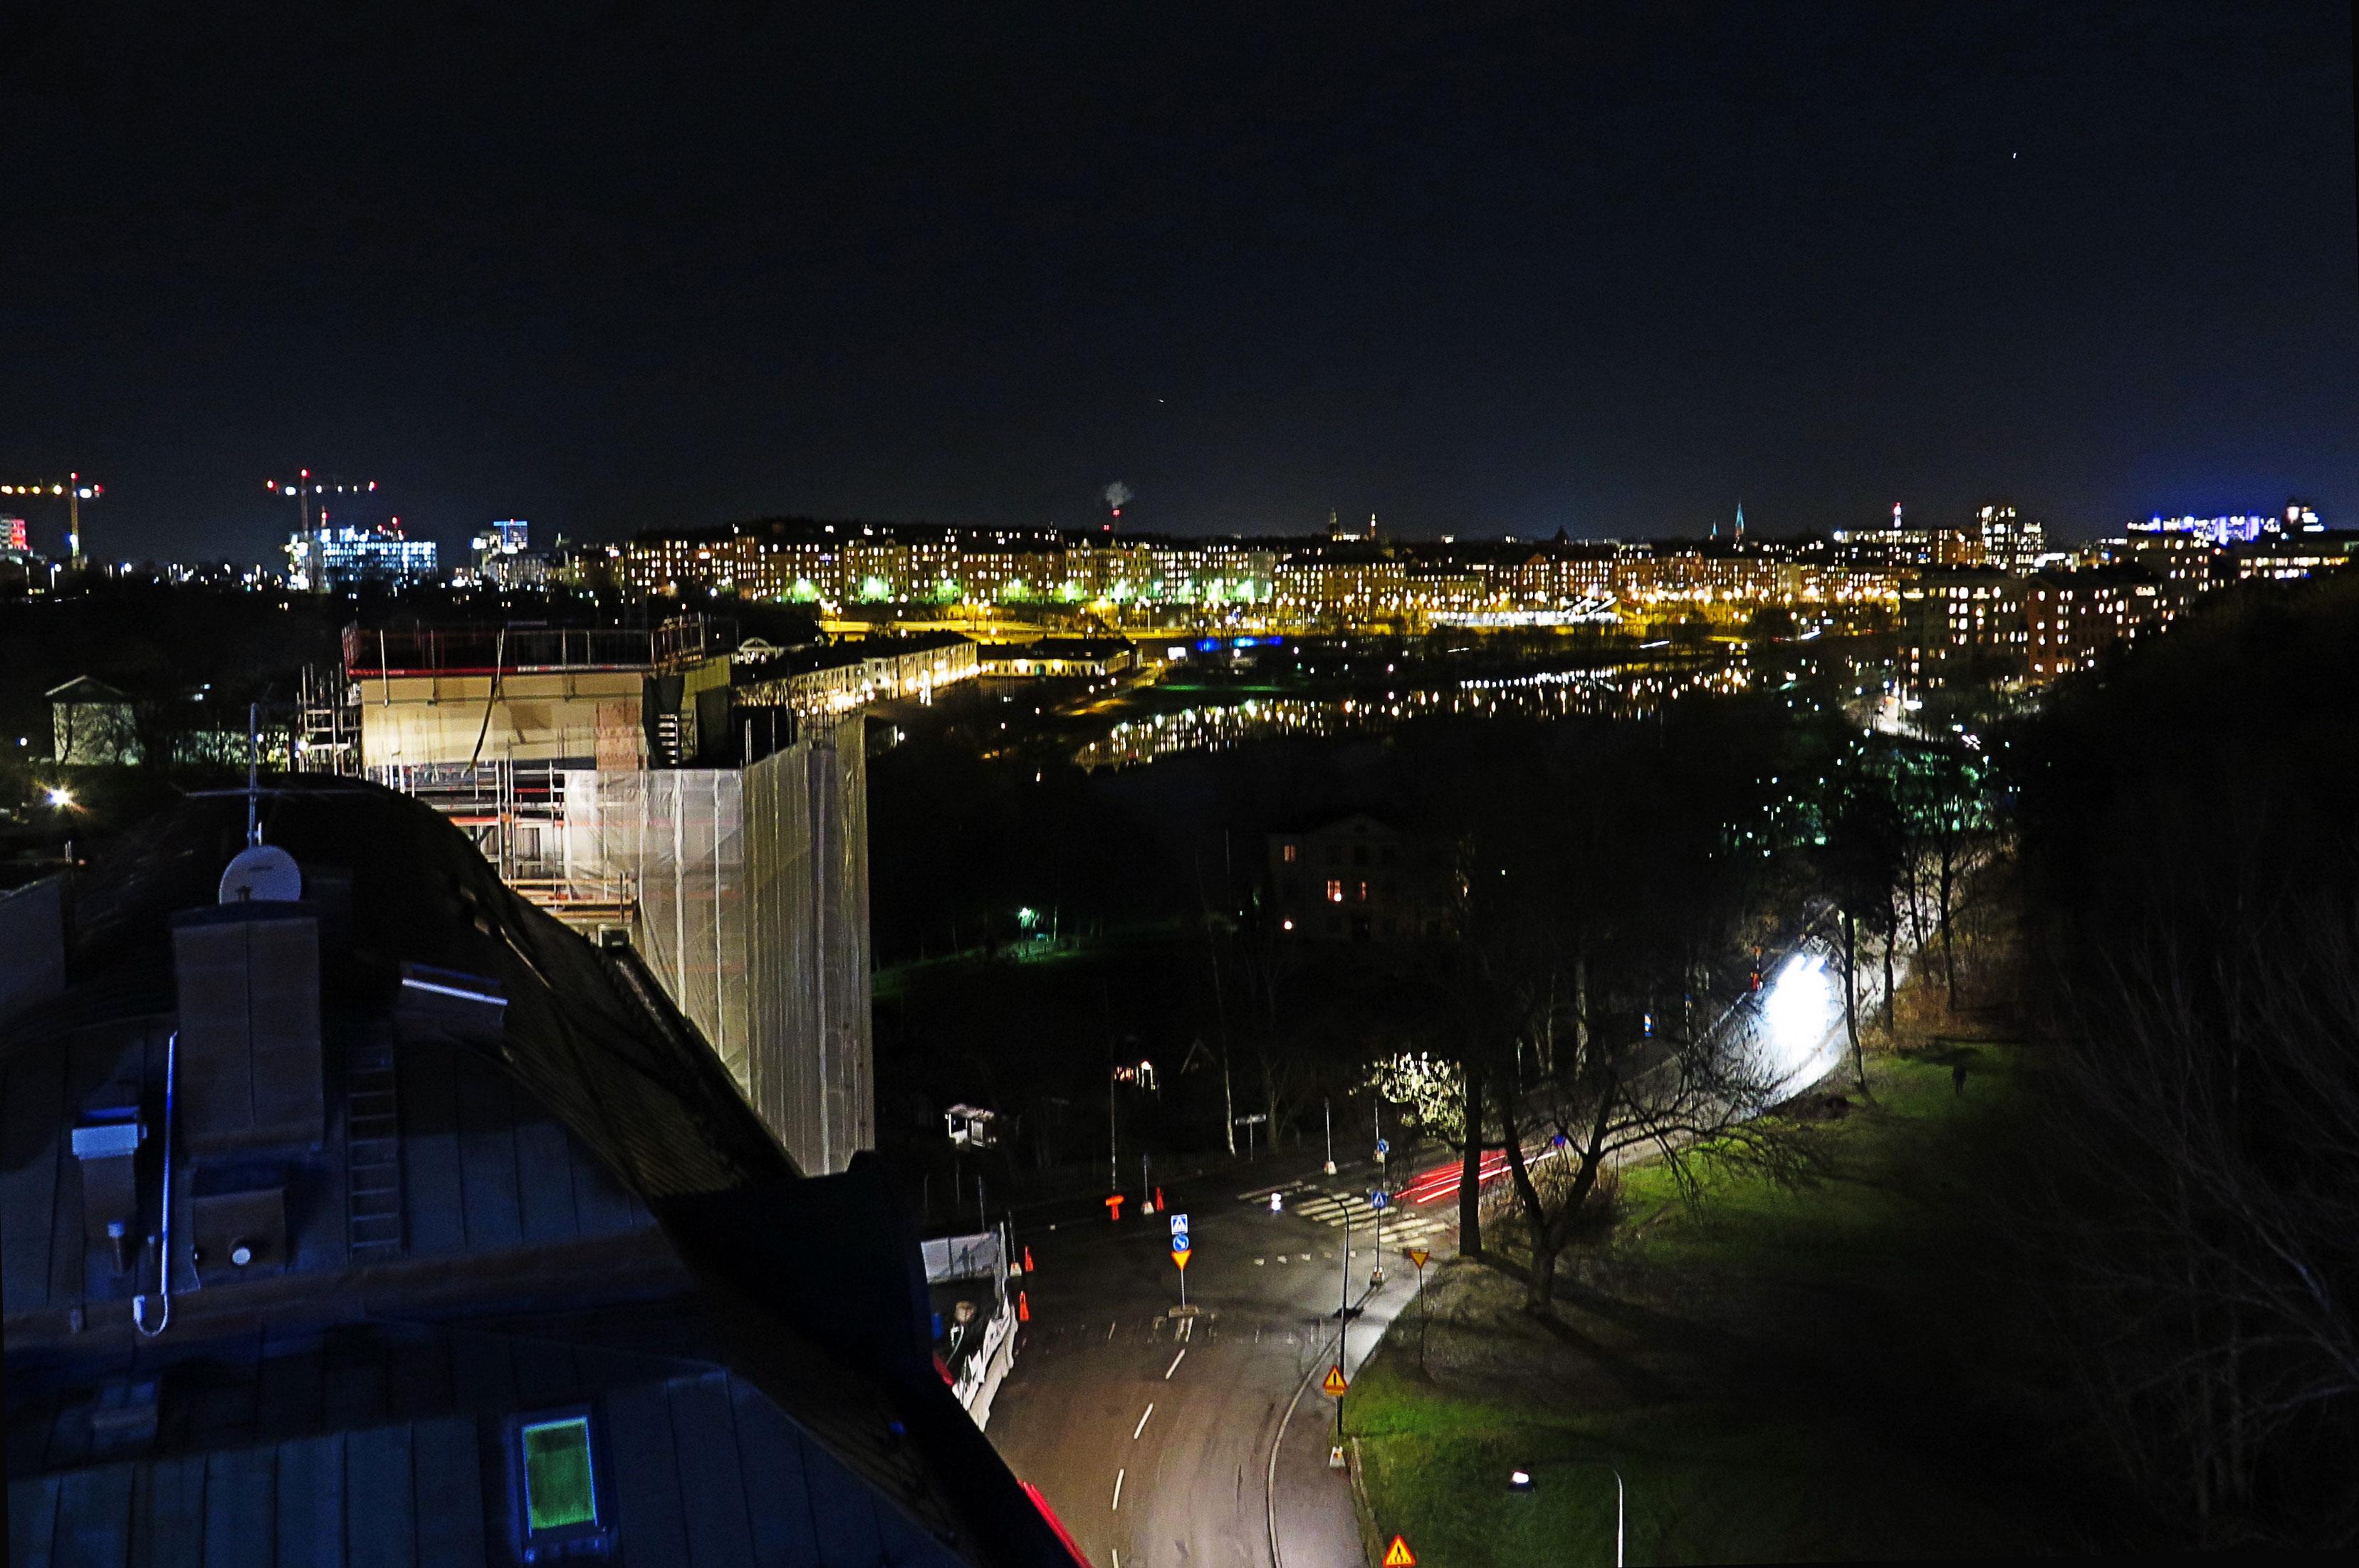 Utsikt från Stadshagen